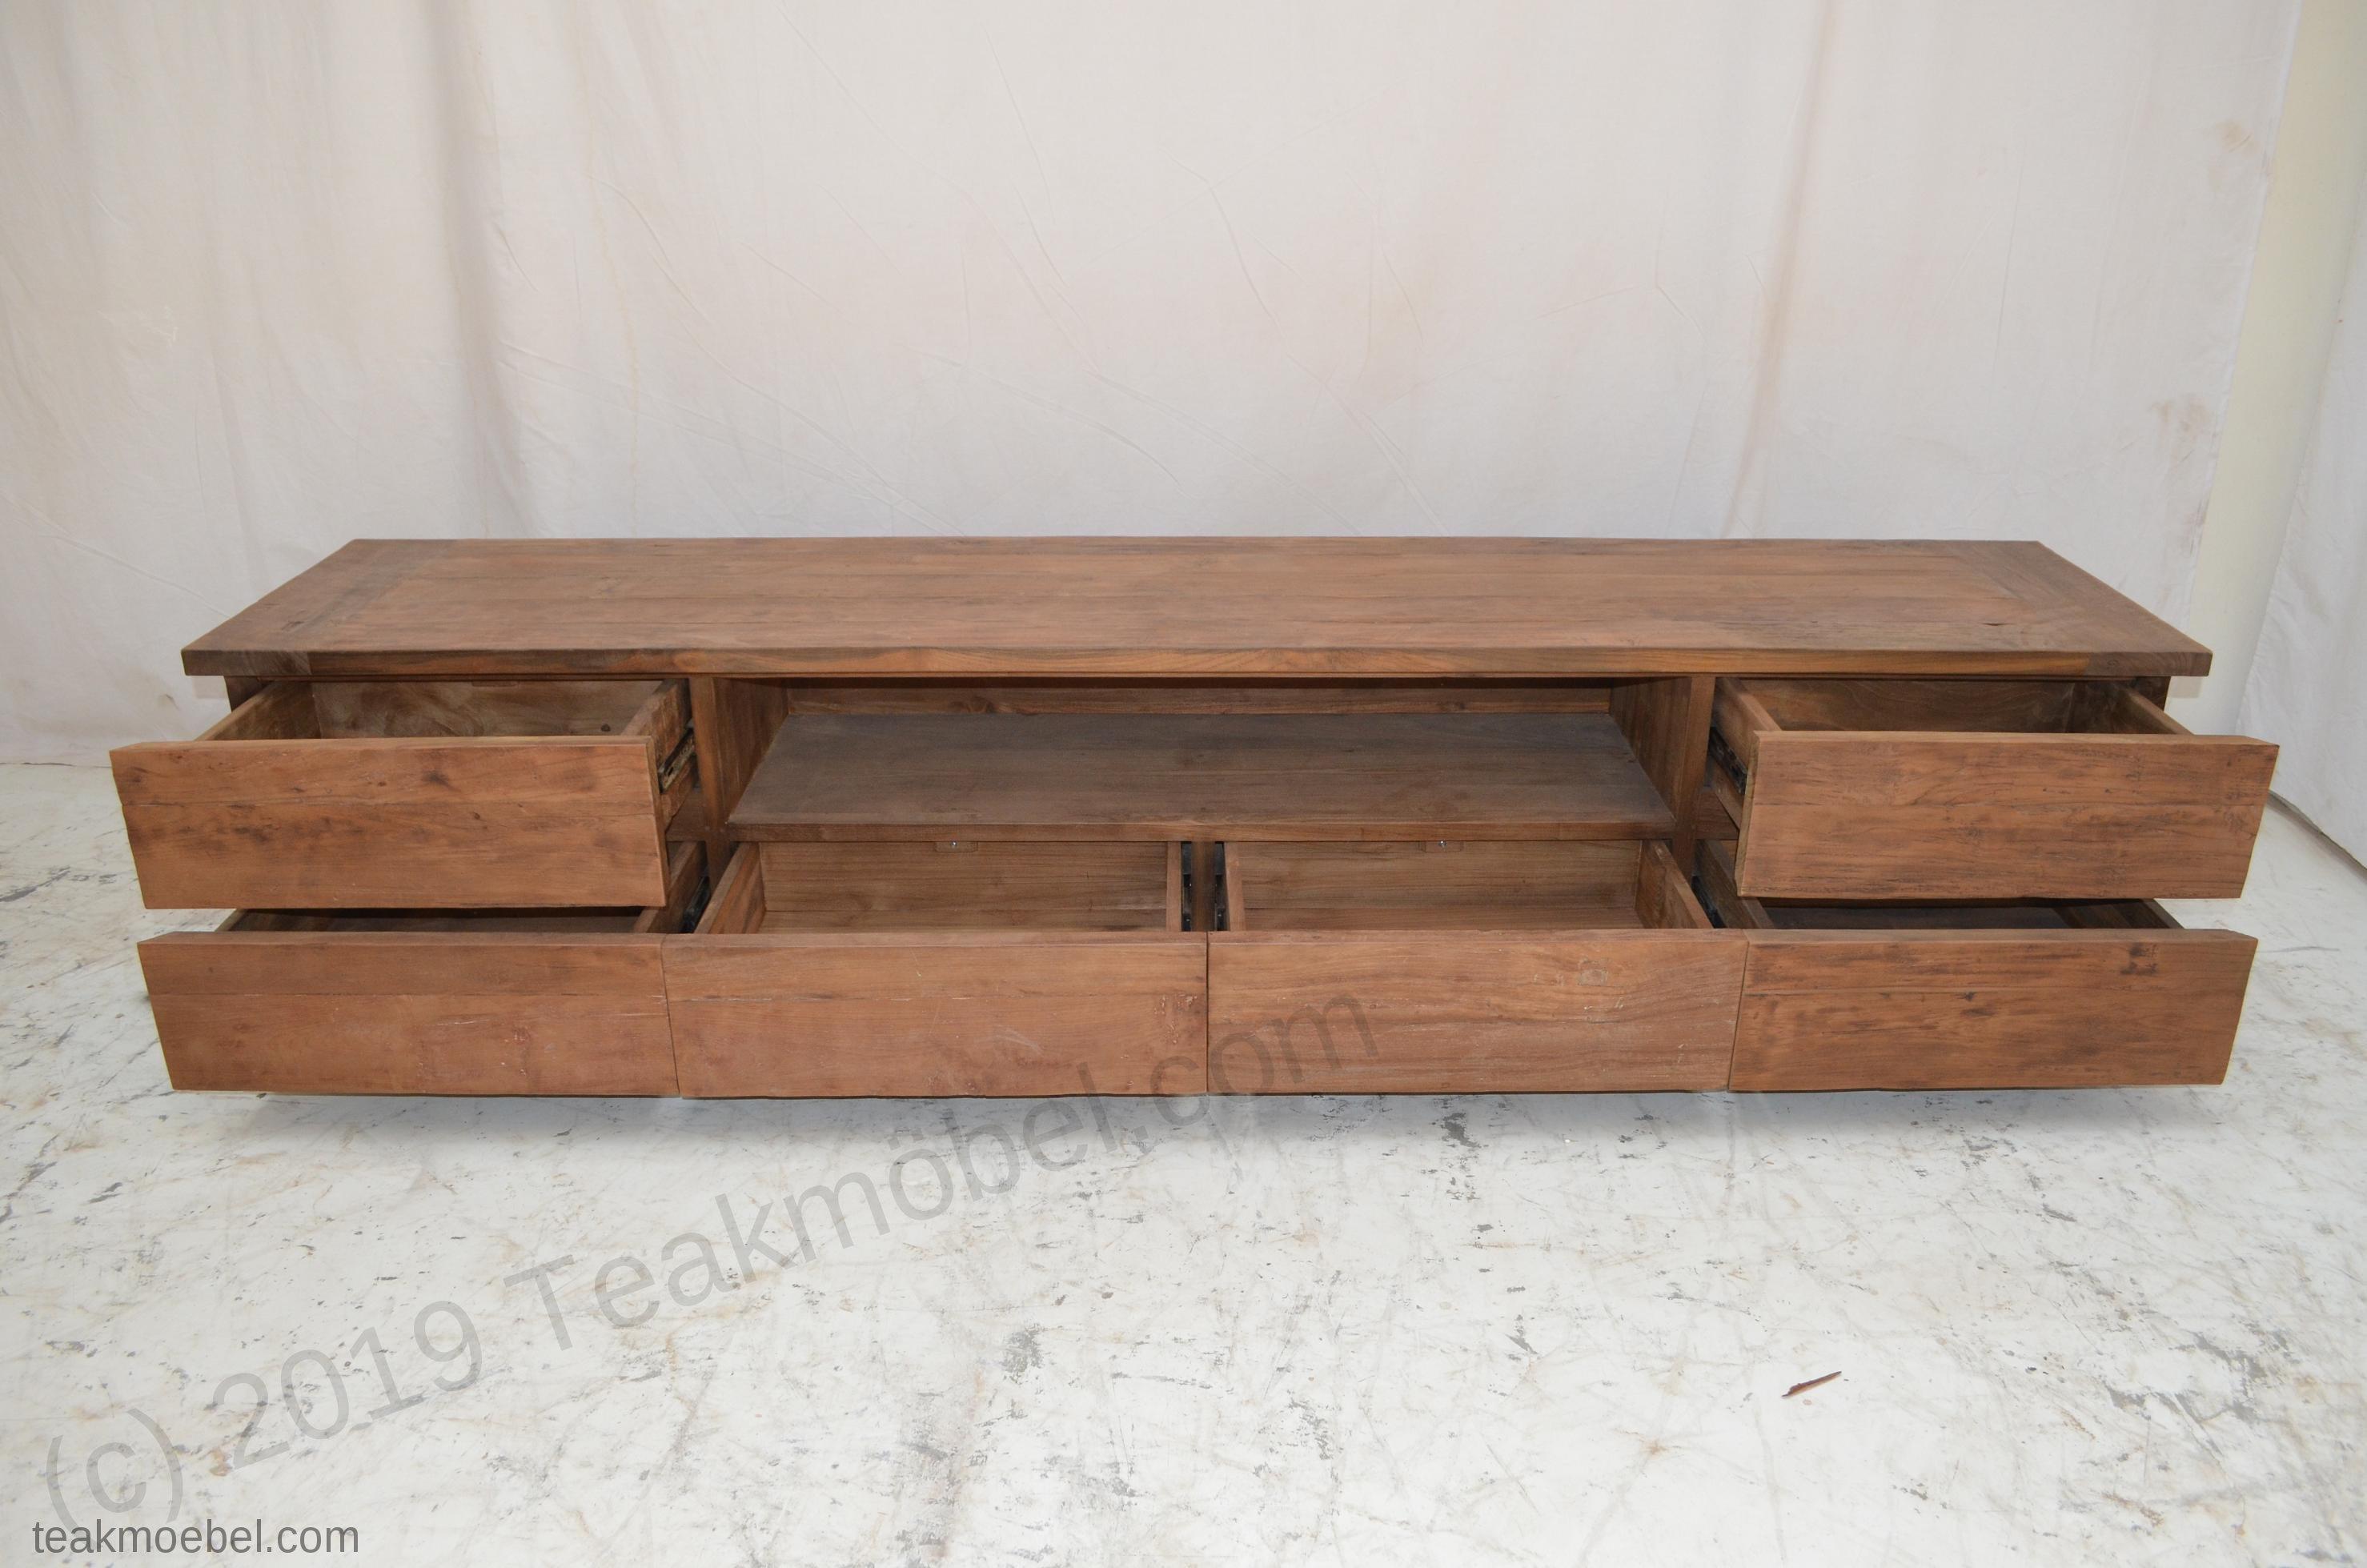 teak fernsehmoebel dingklik 240cm teakm. Black Bedroom Furniture Sets. Home Design Ideas